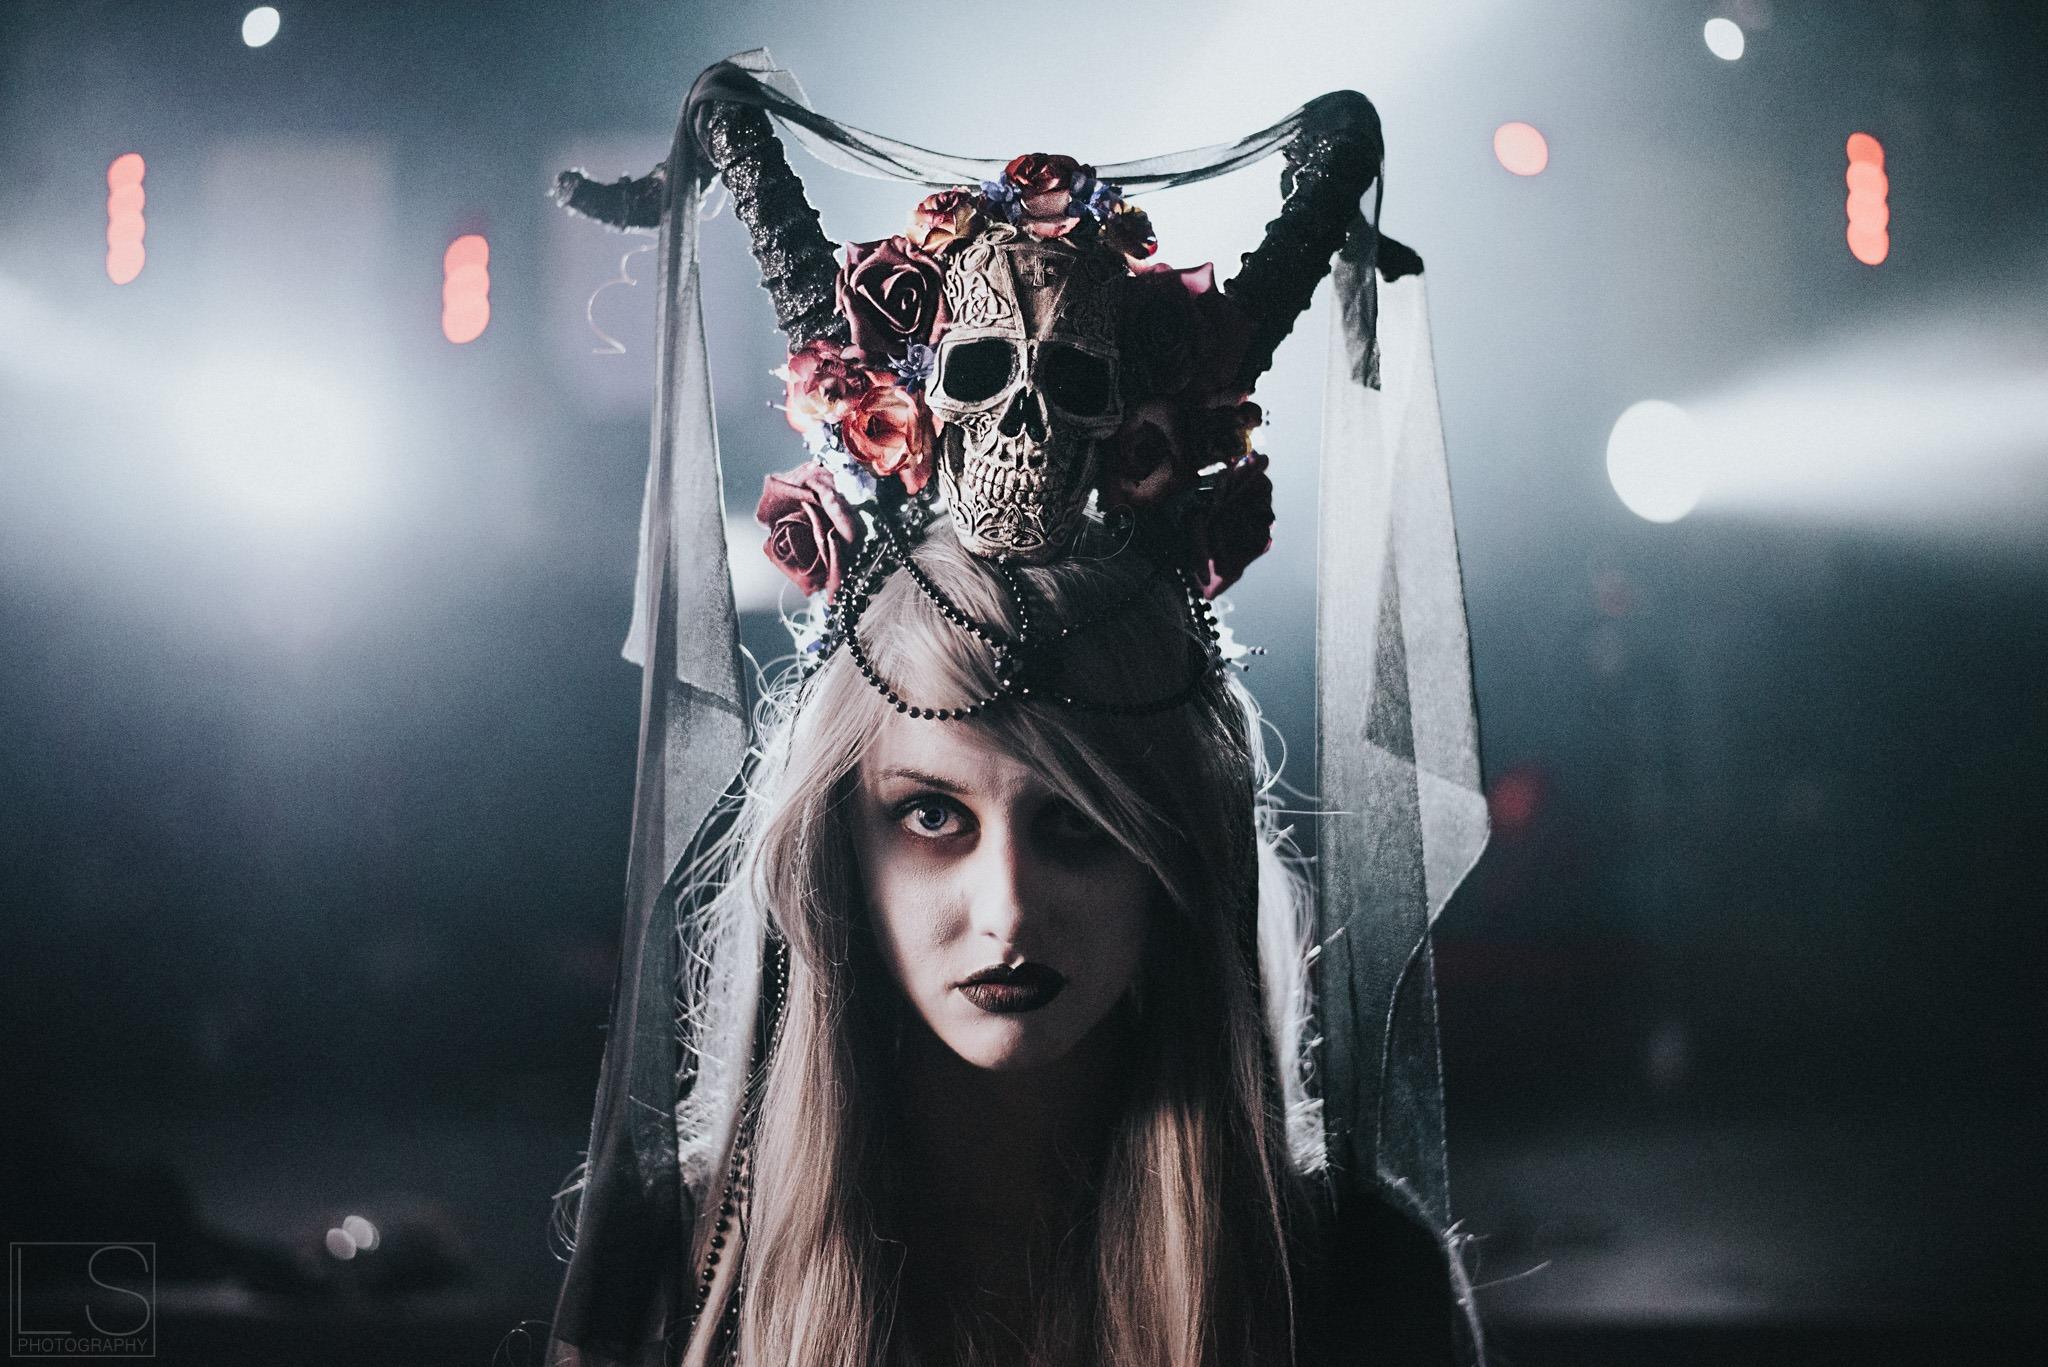 Photographer: Luke Stratta